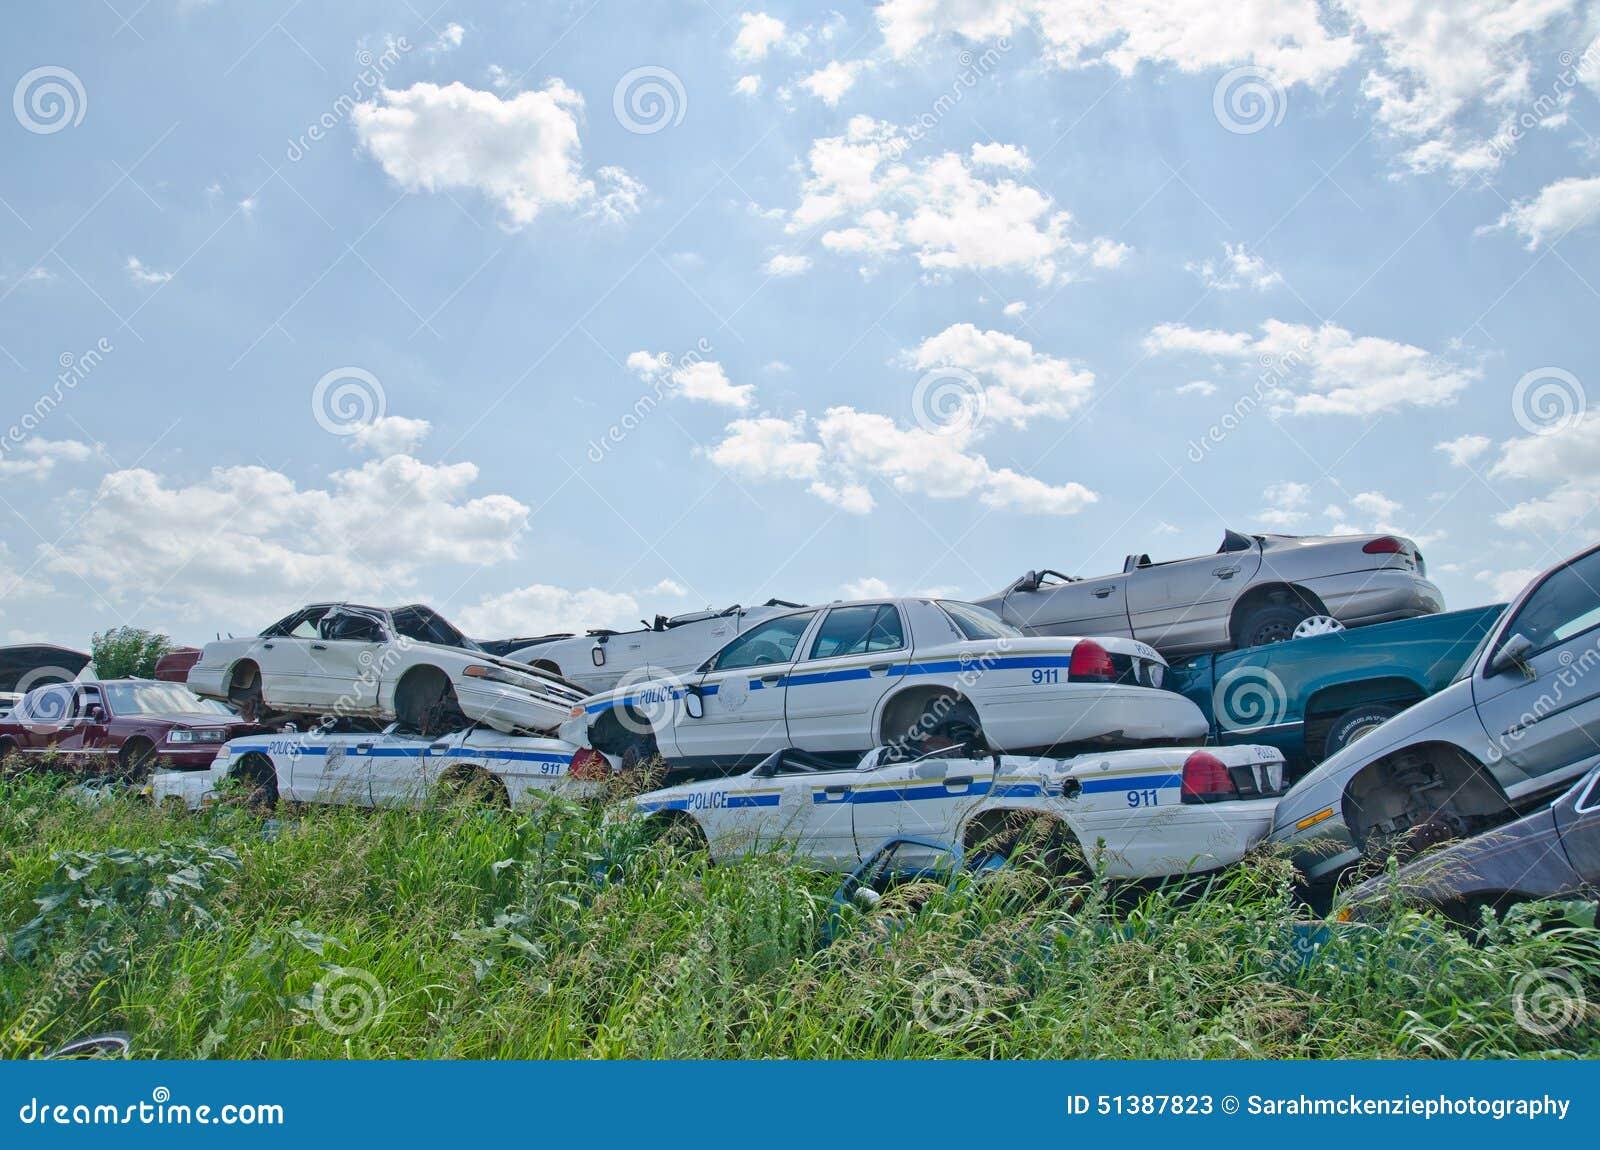 Junkyard Cars stock image. Image of retro, pileup, junkyard - 51387823